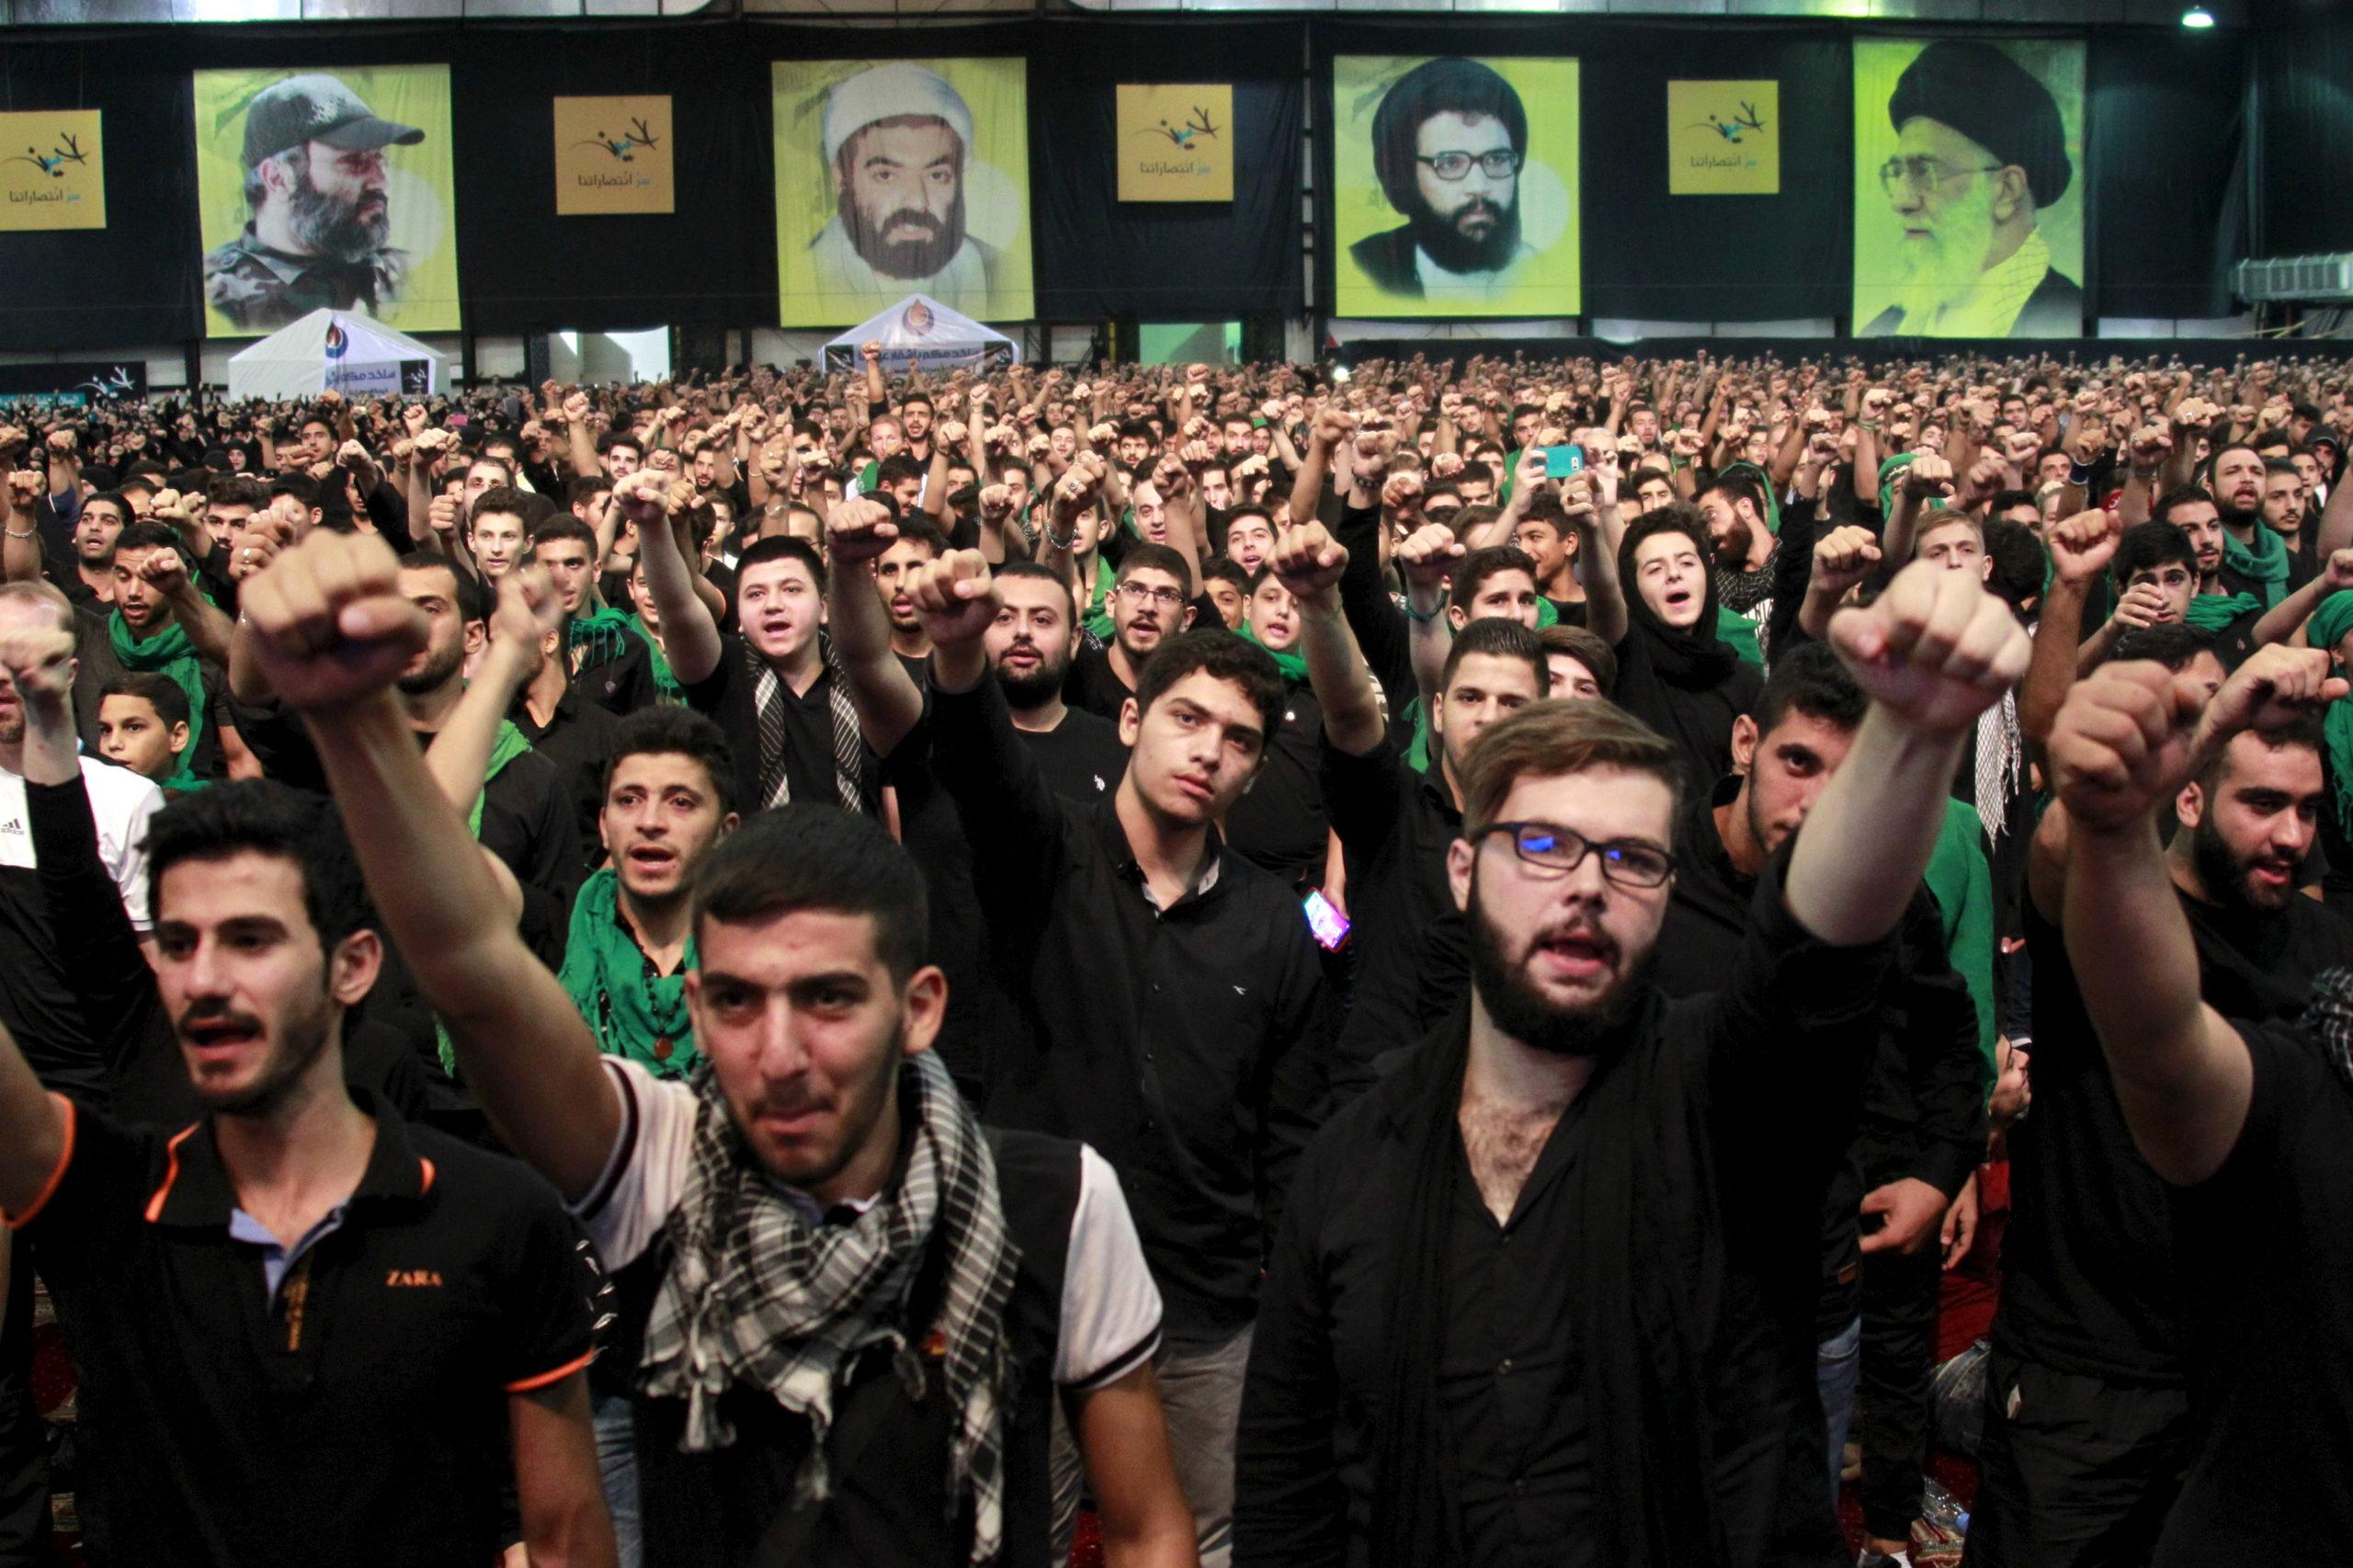 Sostenitori dell'organizzazione libanese Hezbollah assistono a una cerimonia religiosa a Beirut